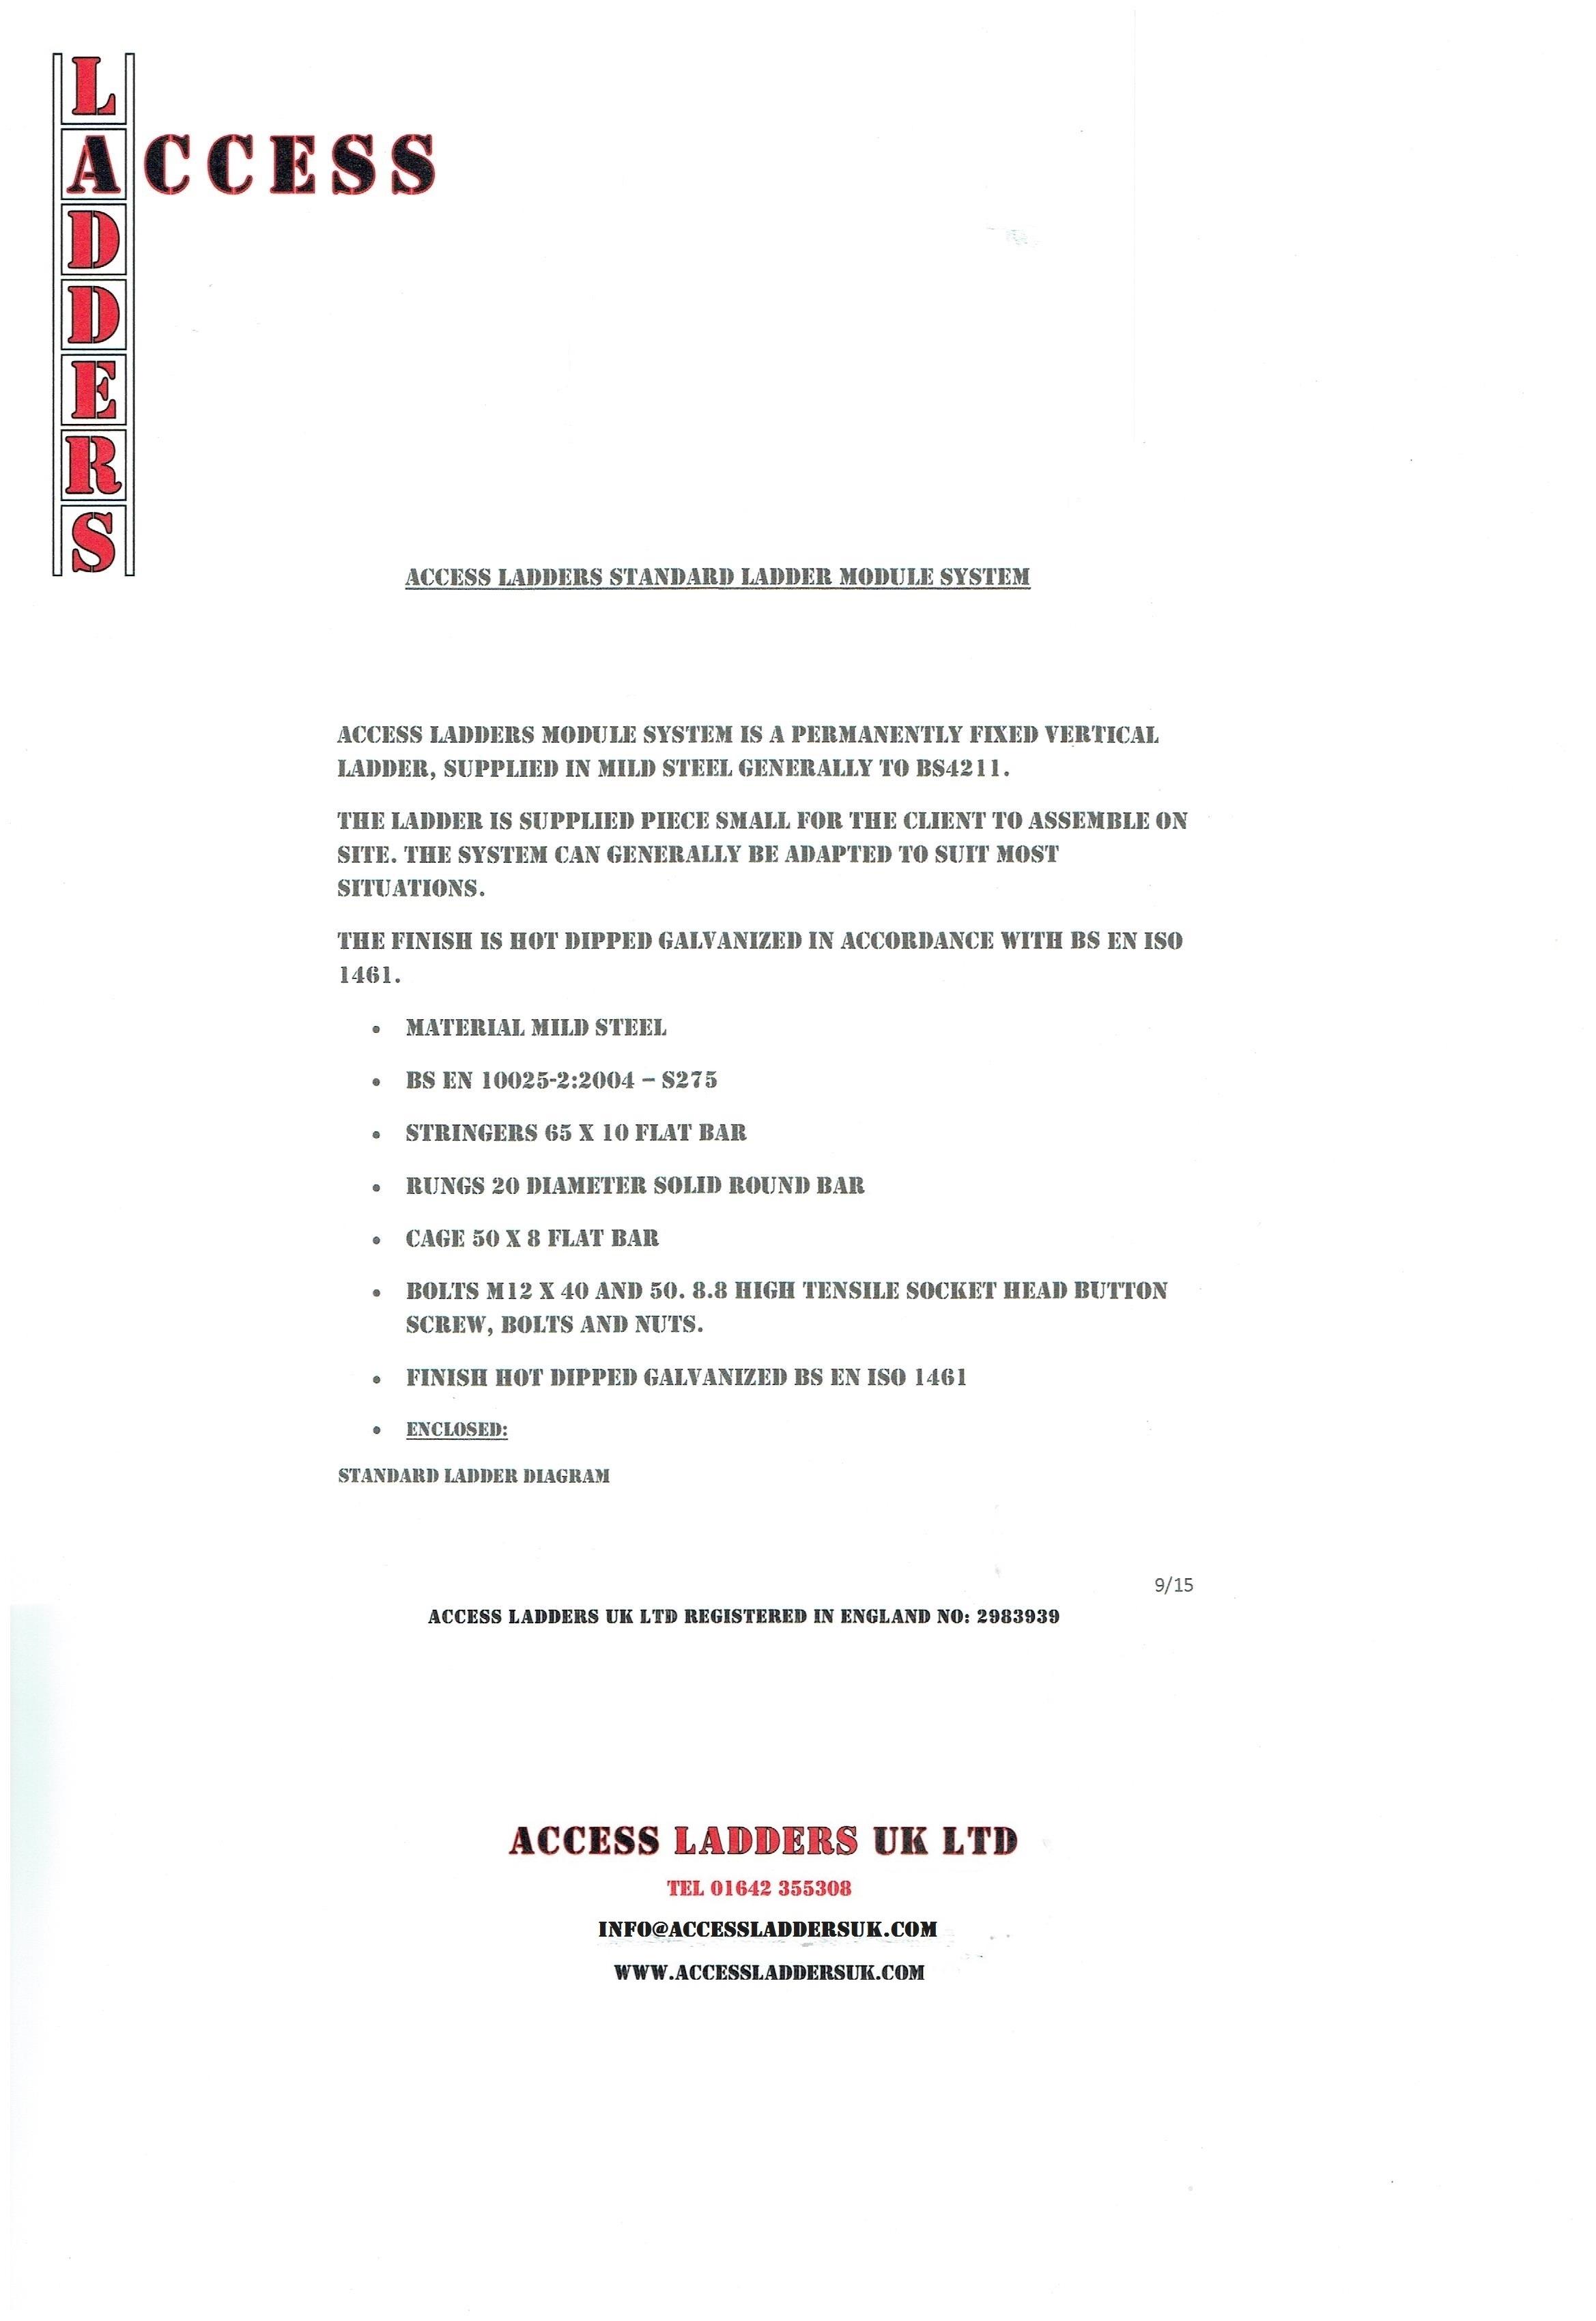 Standard Ladder Data Sheet